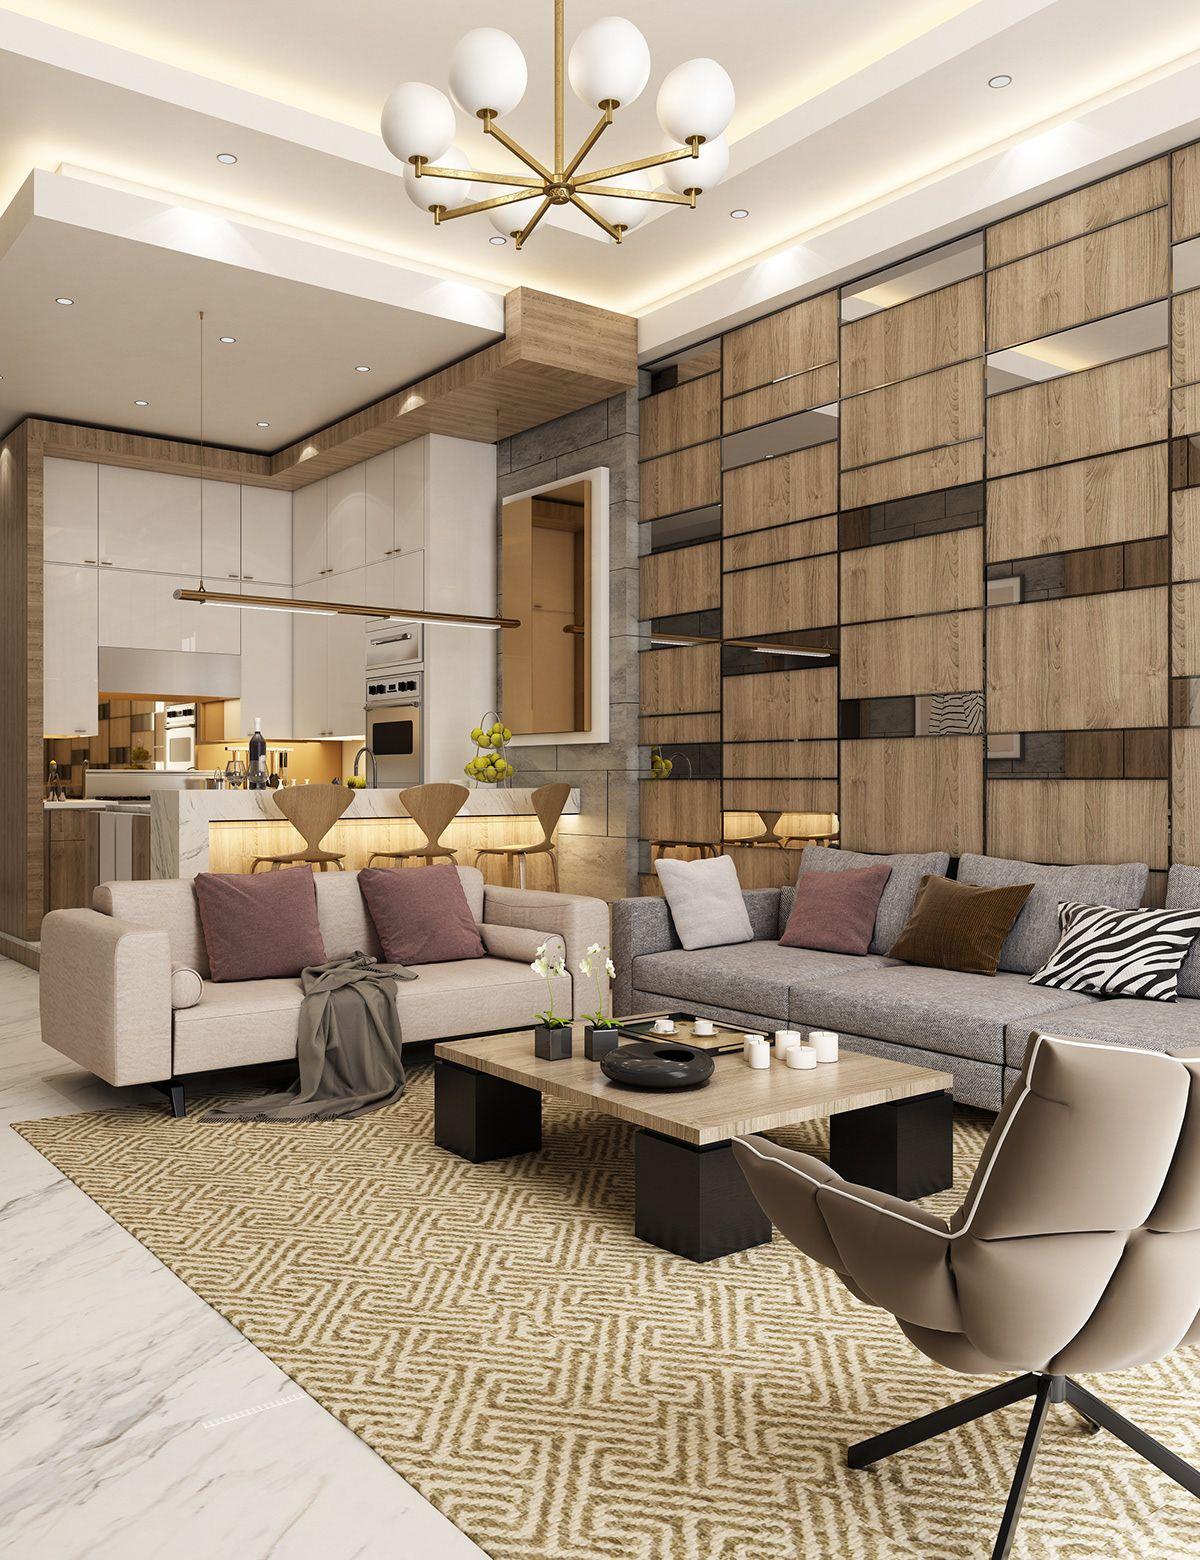 Contemporary Living Room Interior Design: Contemporary Apartment Design On Behance